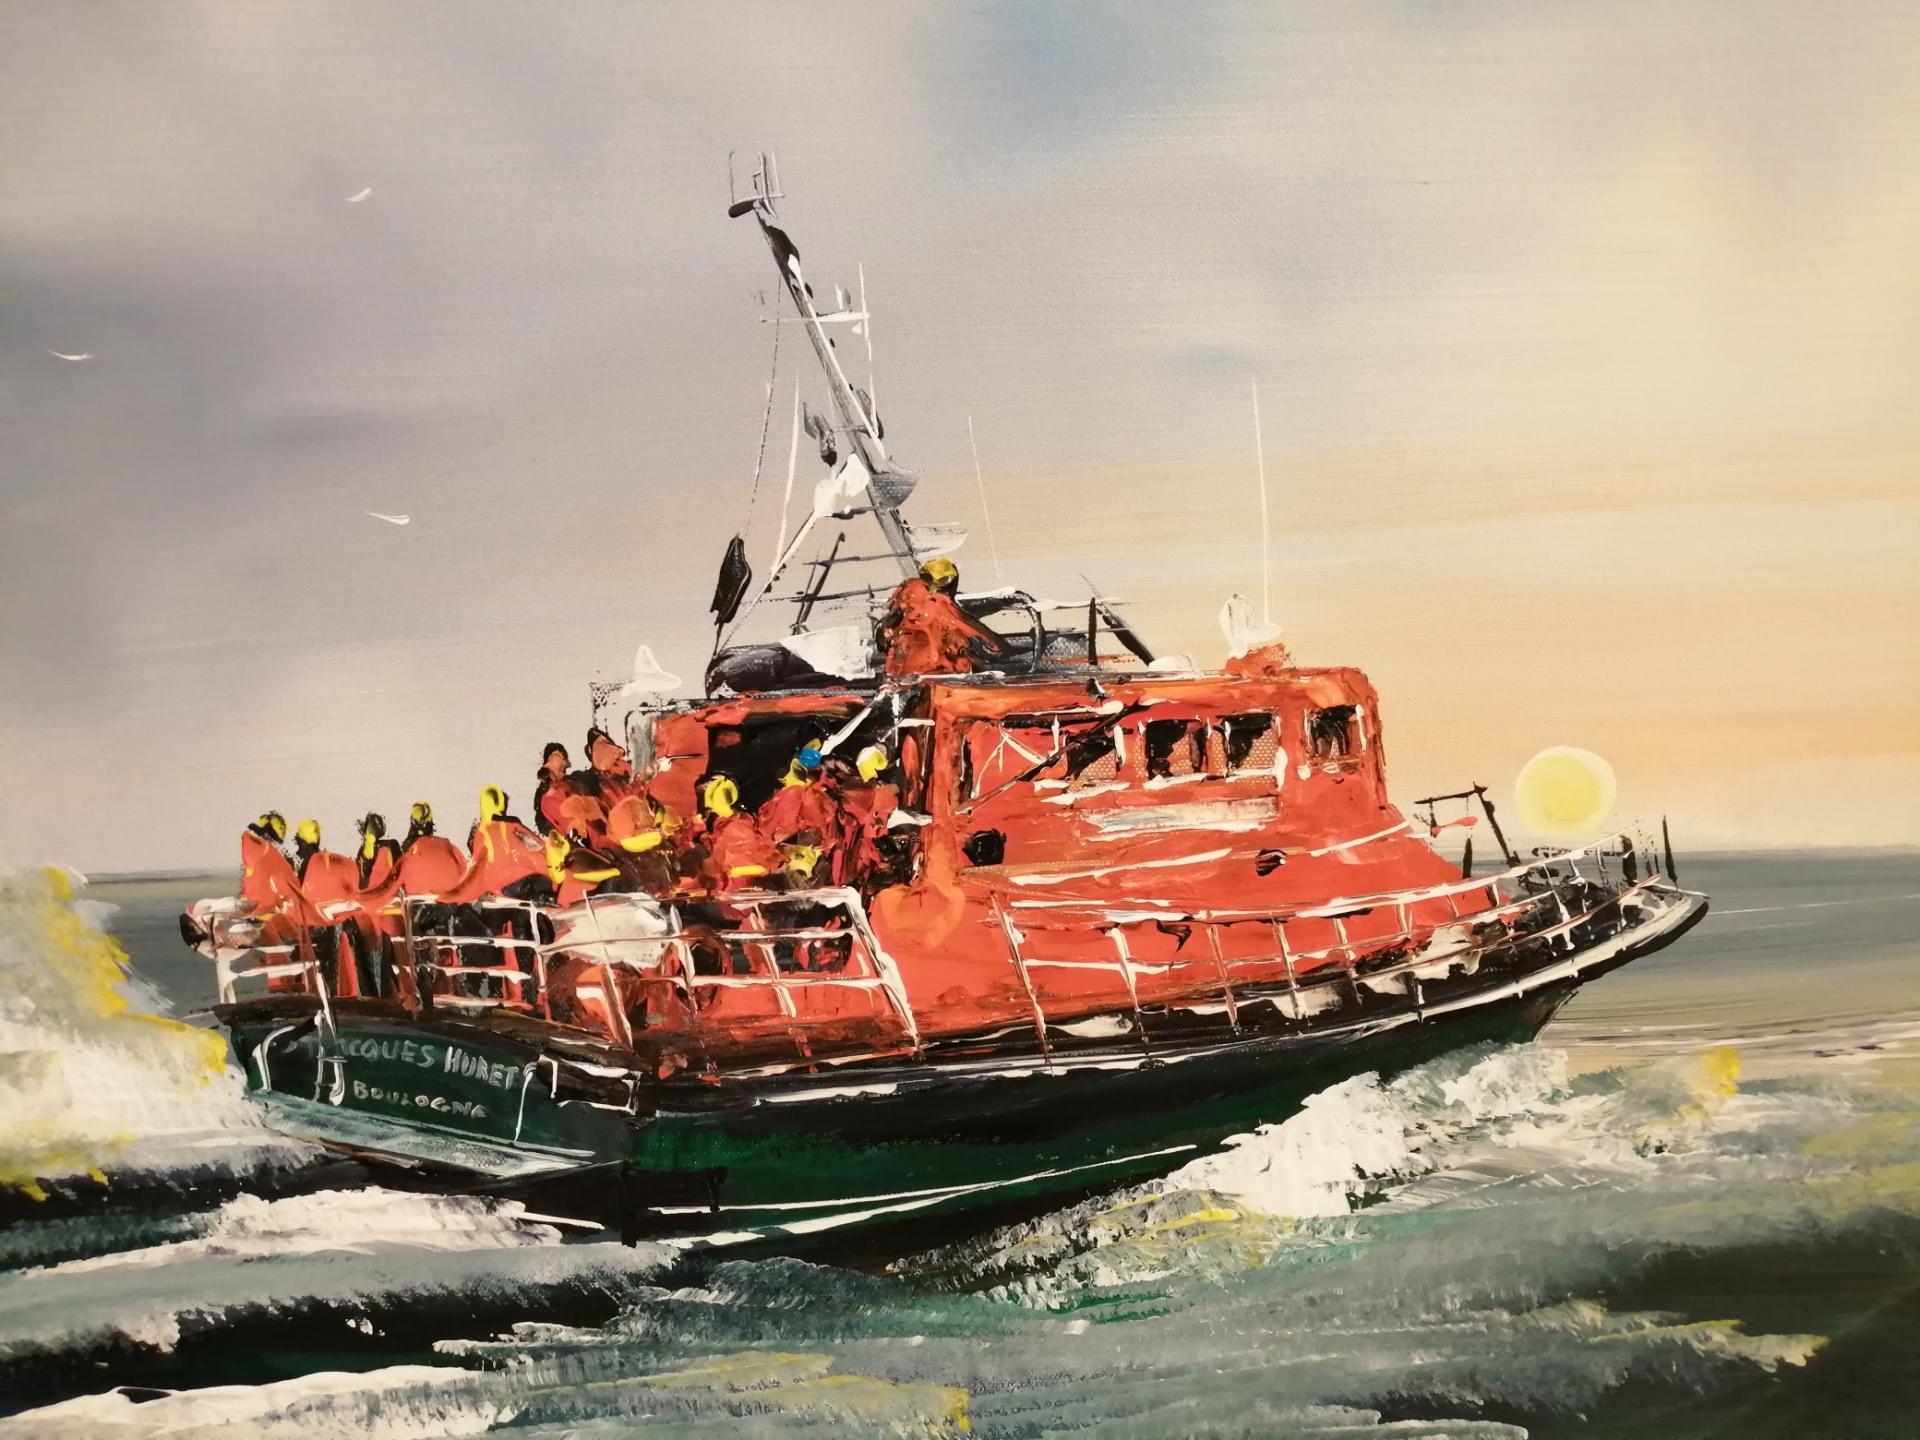 détail du bateau de la snsm de boulogne sur mer